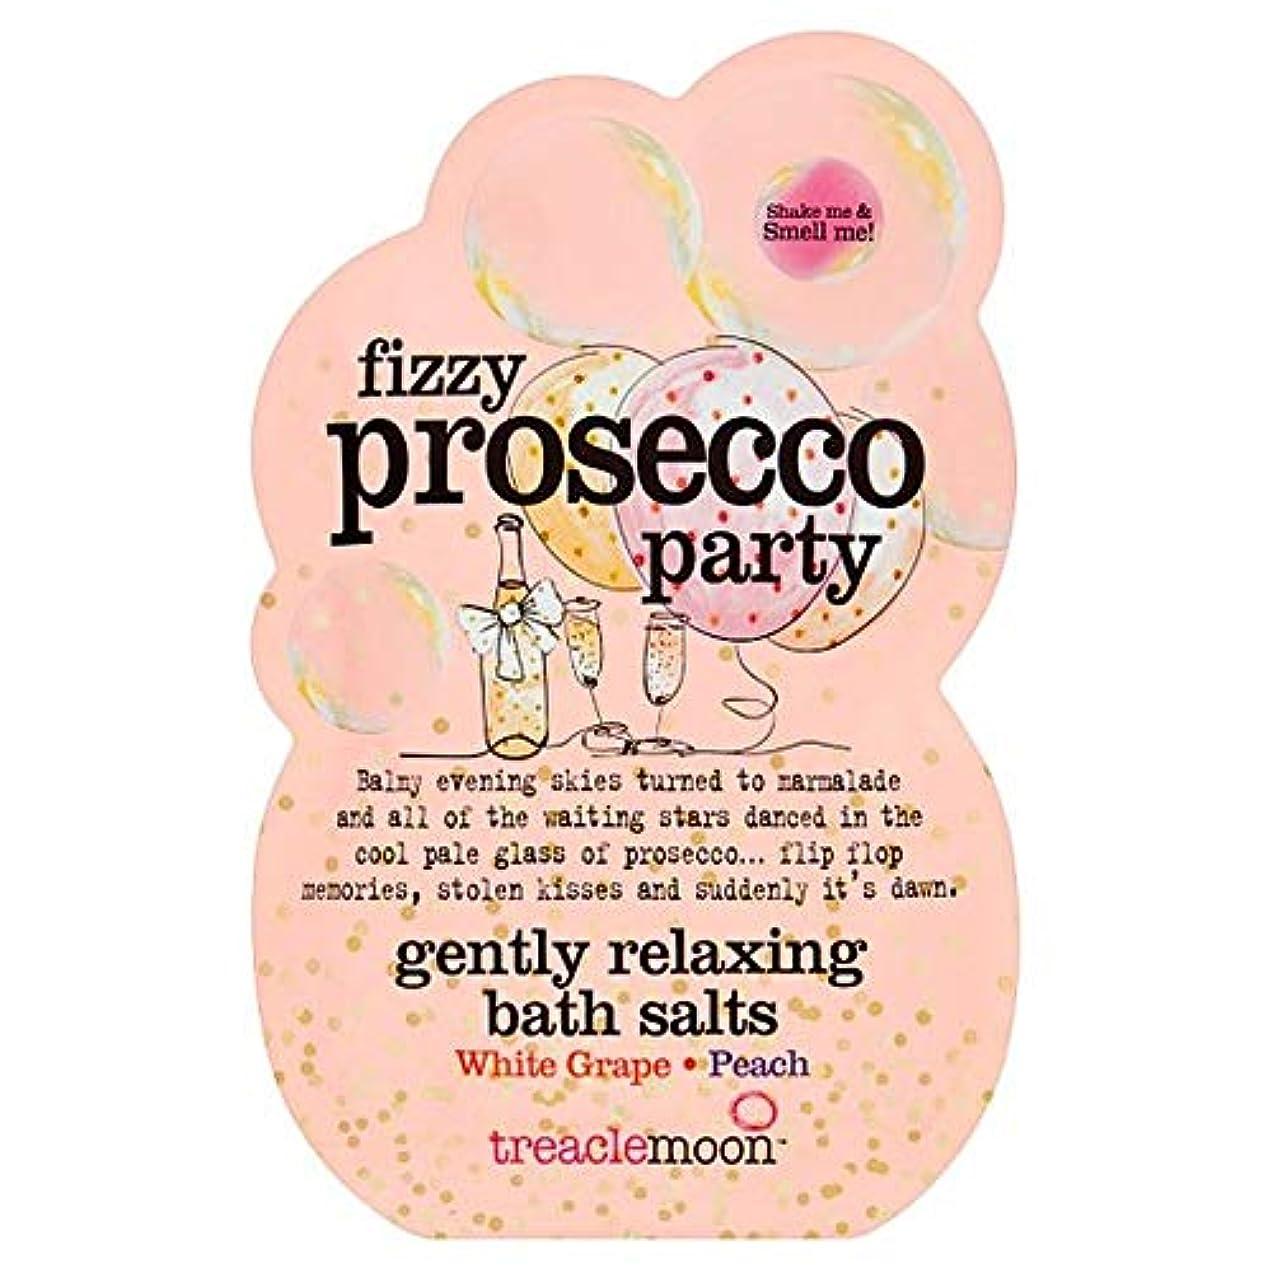 近く前書き拳[Treacle Moon] Treaclemoonプロセッコパーティーバスソルトの80グラム - Treaclemoon Prosecco Party Bath Salts 80G [並行輸入品]